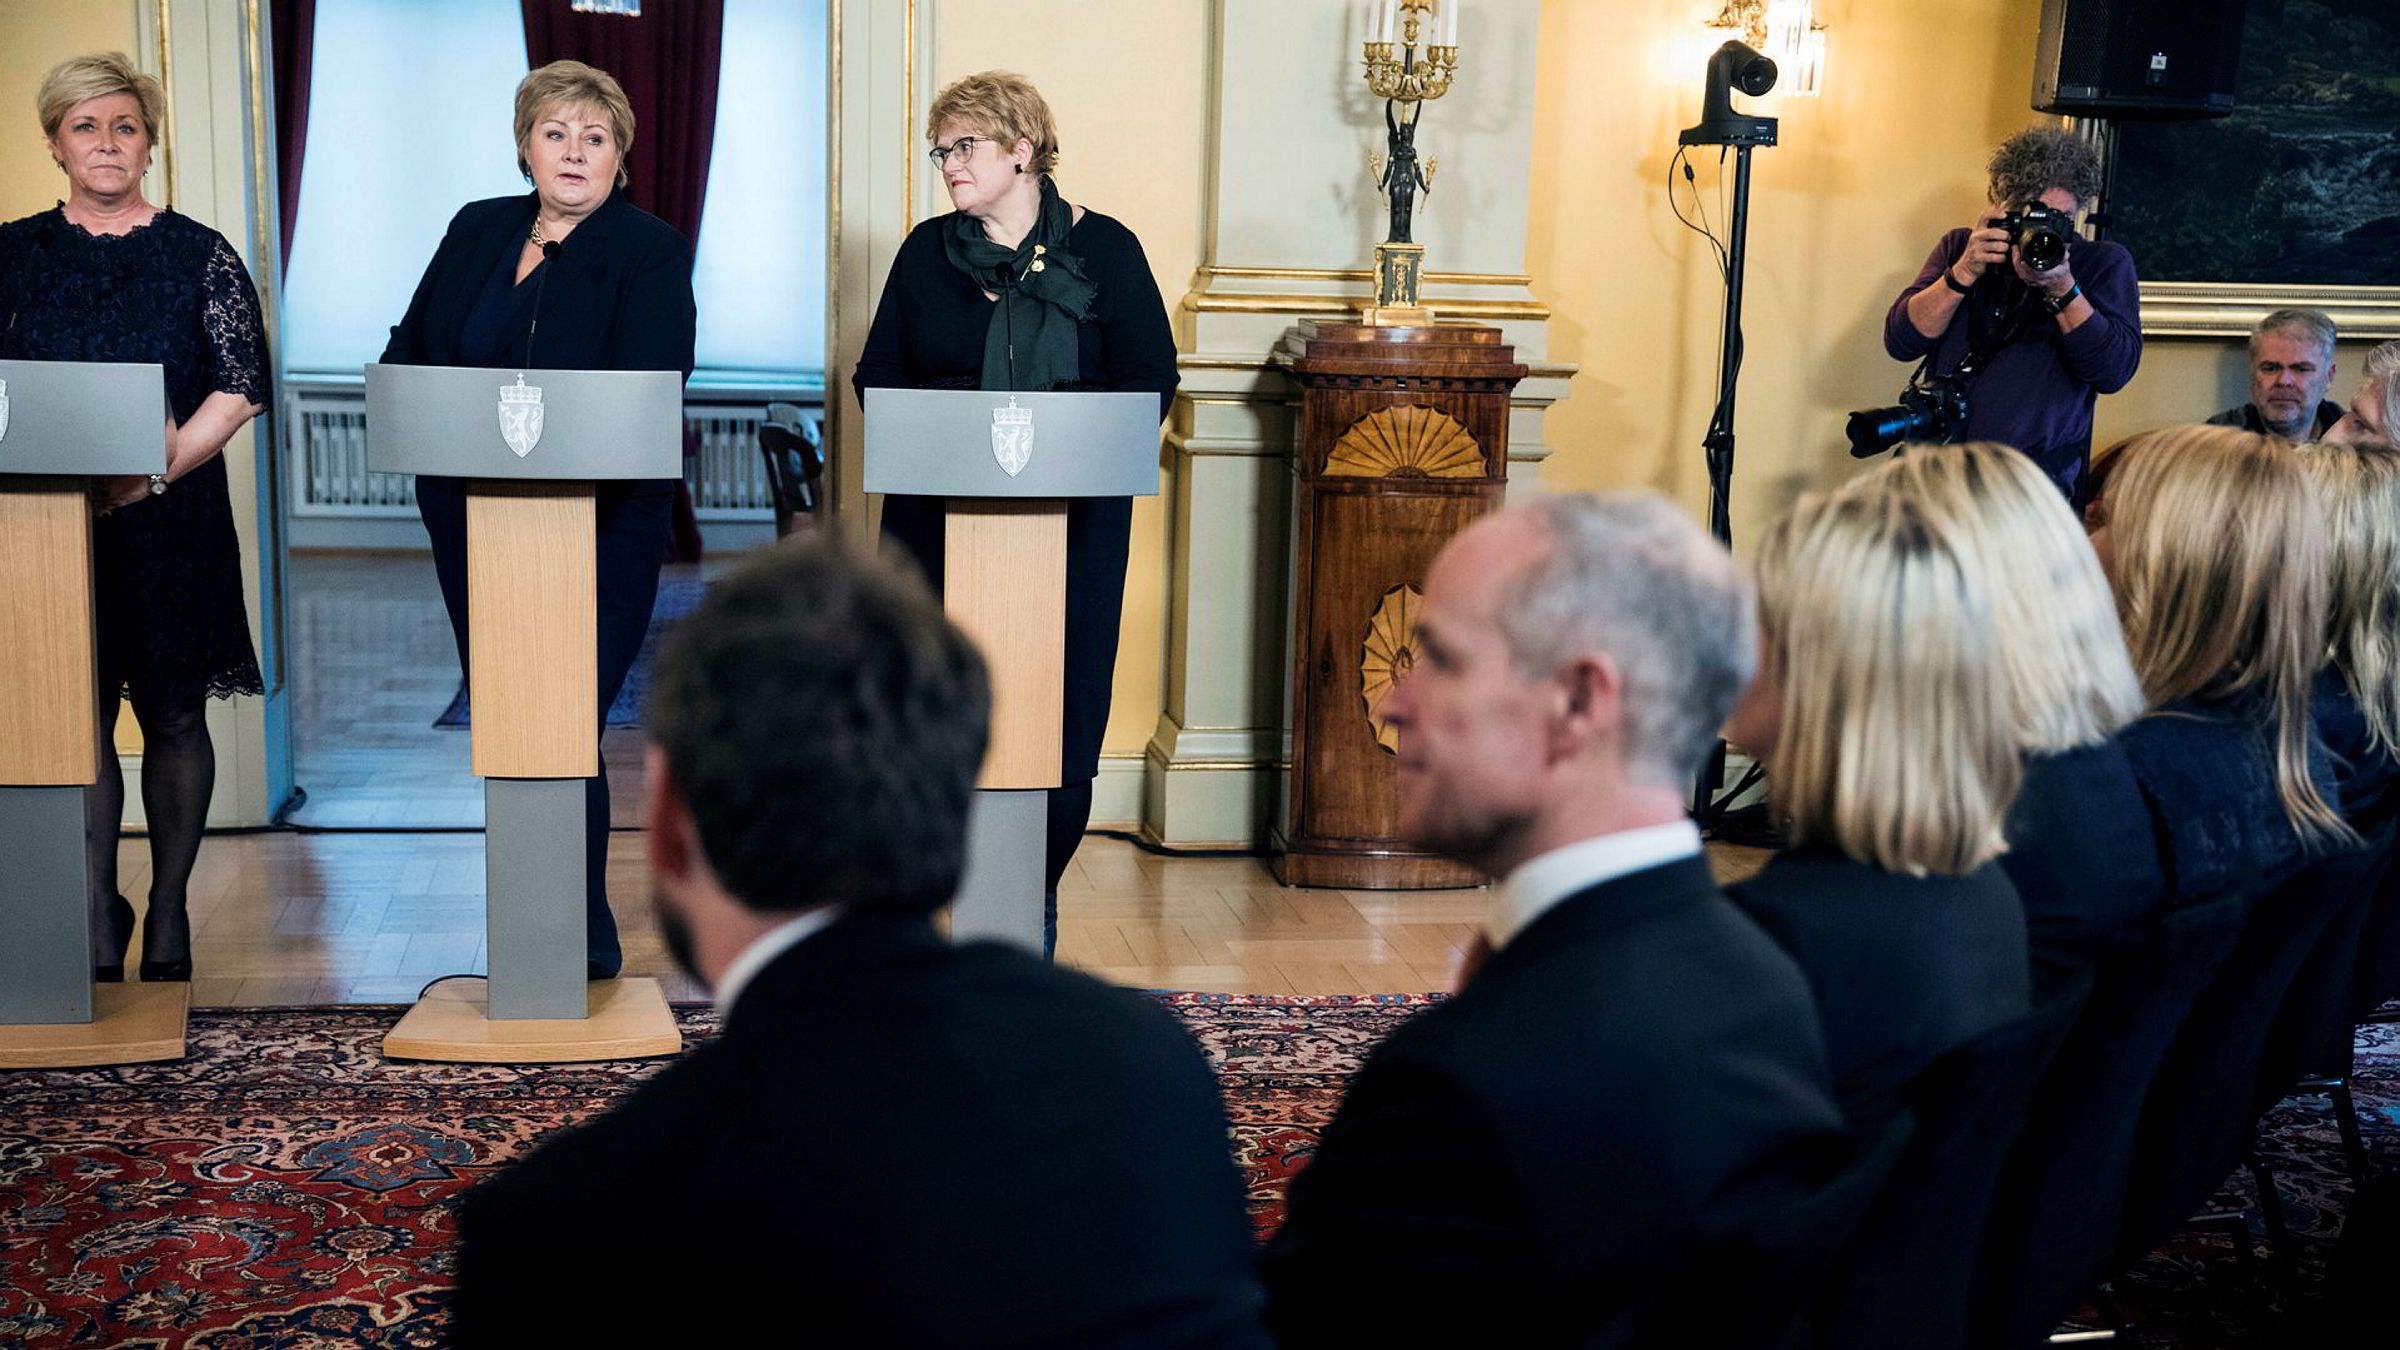 Erna Solberg, Siv Jensen og Trine Skei Grande har pressekonferanse i Statsminister boligen. Forrand sitter alle statsrådene med nye jobber.